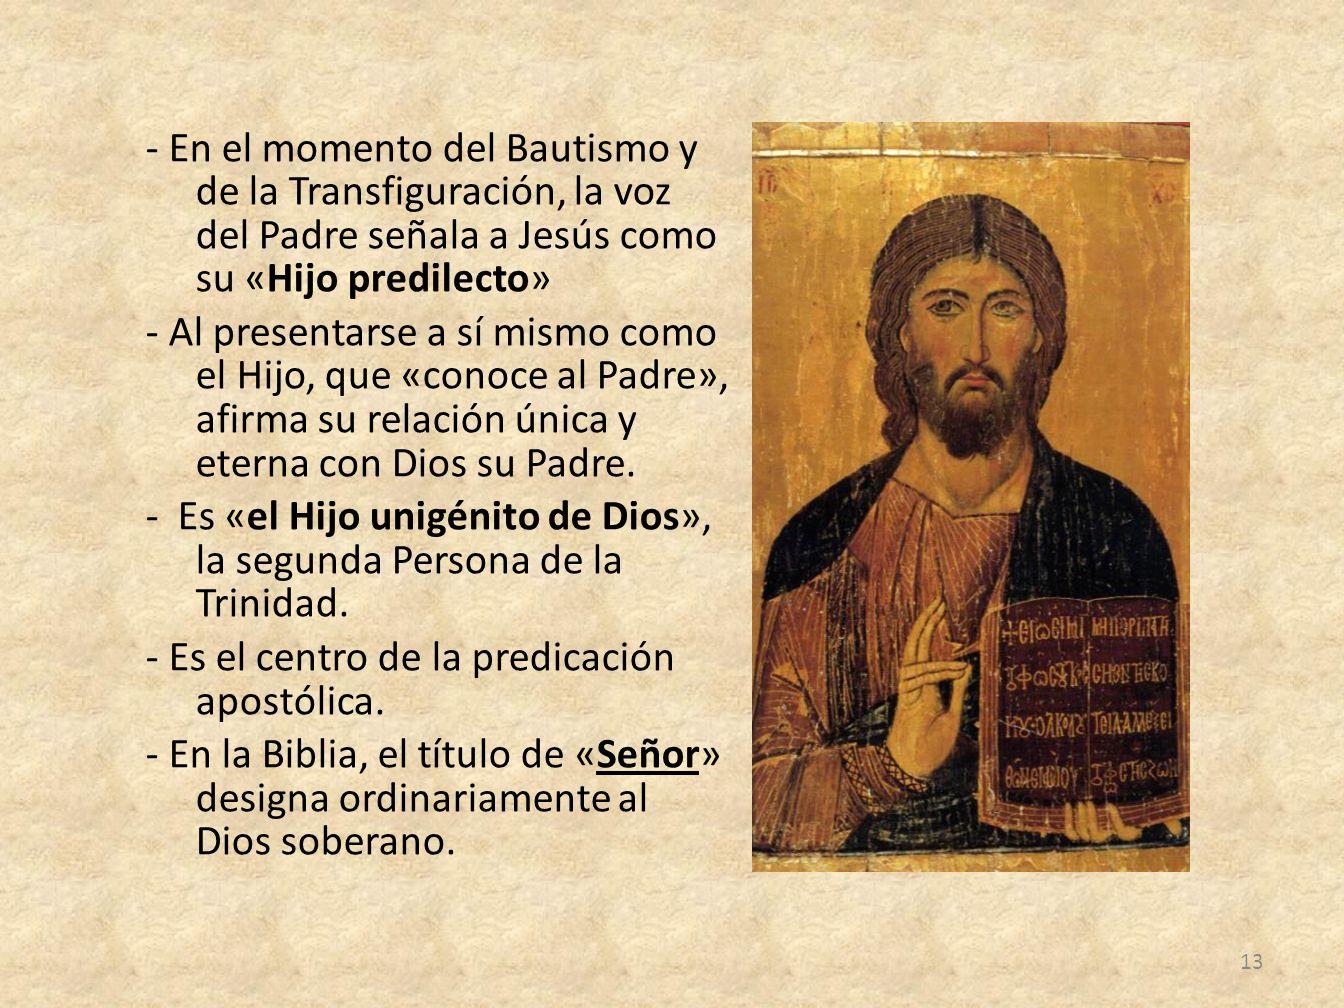 - En el momento del Bautismo y de la Transfiguración, la voz del Padre señala a Jesús como su «Hijo predilecto» - Al presentarse a sí mismo como el Hijo, que «conoce al Padre», afirma su relación única y eterna con Dios su Padre.